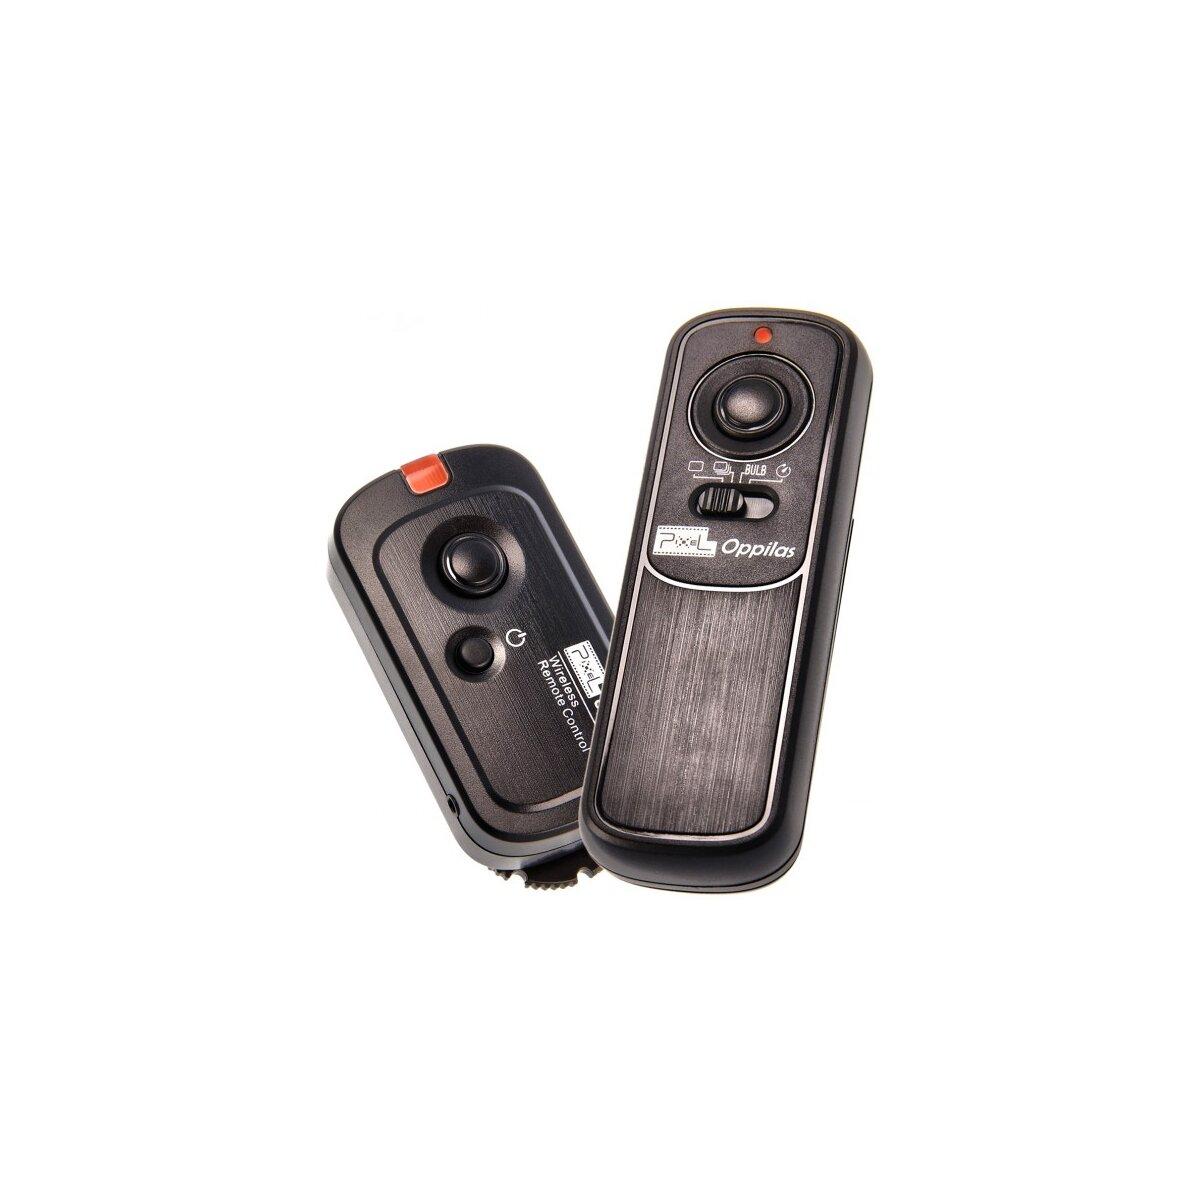 PIXEL Qualitäts Funkfernauslöser kompatibel mit Nikon D800, D700, D300s, D300, D200, D1 series, D2 series, D3 series, N90s, F5, F6, F100, F90, F90X